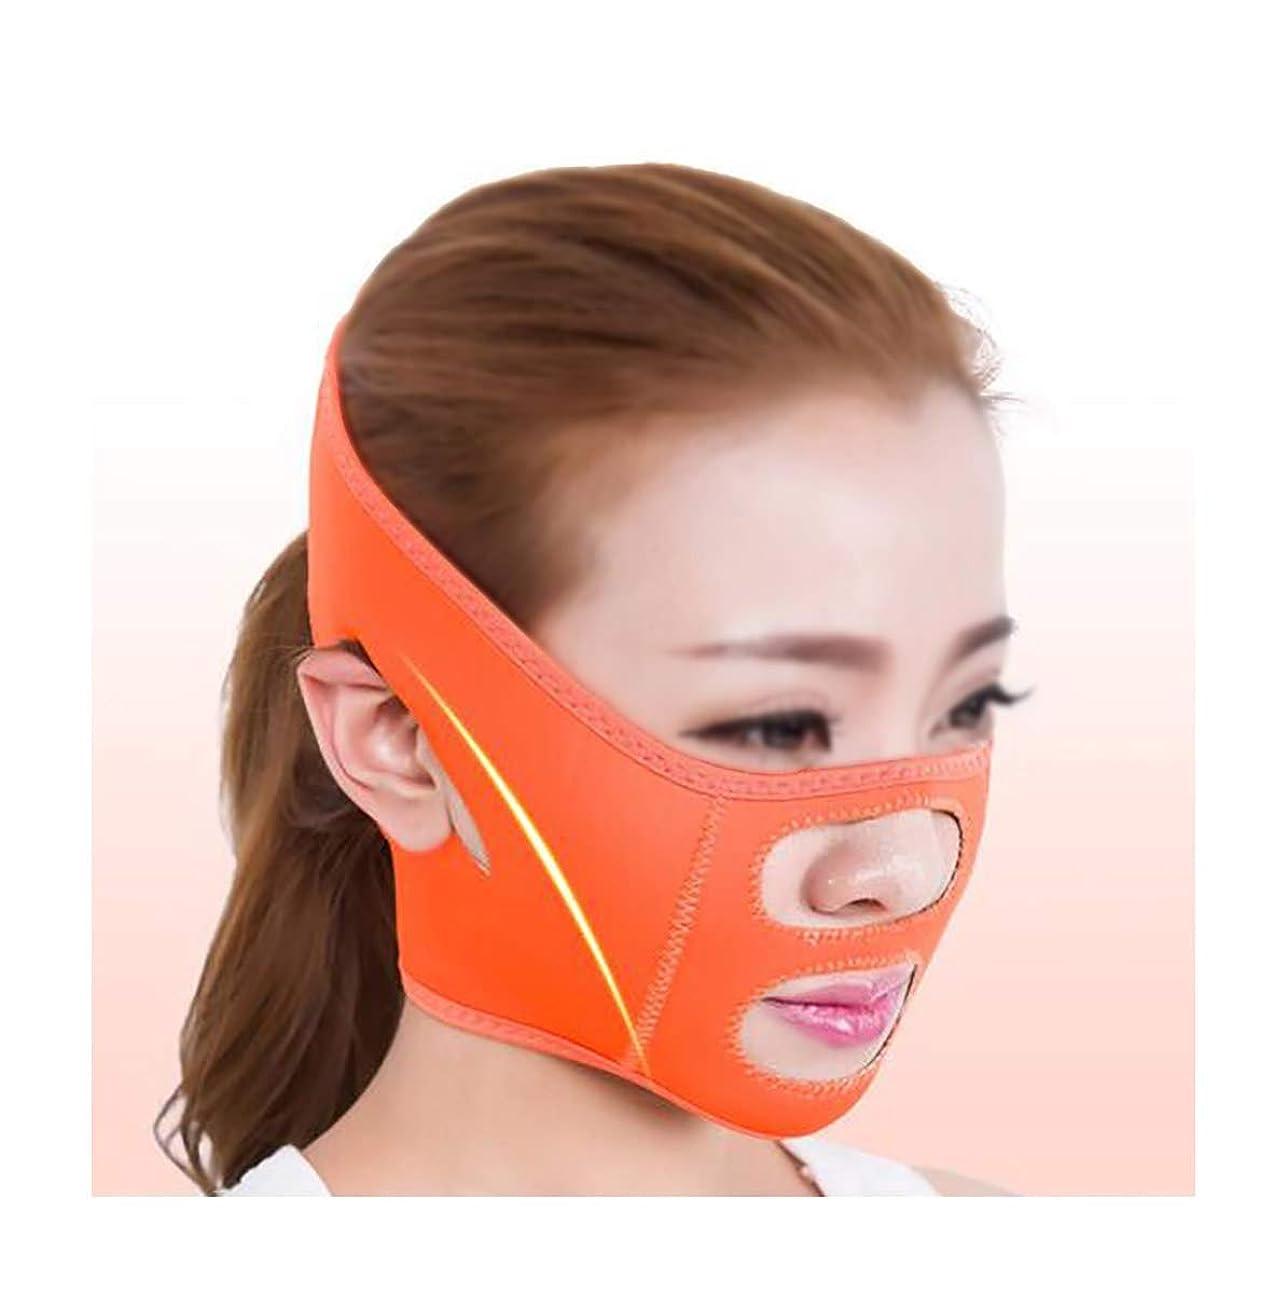 酔ってリス箱ファーミングフェイスマスク、術後リフティングマスクホーム包帯揺れネットワーク赤女性Vフェイスステッカーストラップ楽器顔アーティファクト(色:青),オレンジ